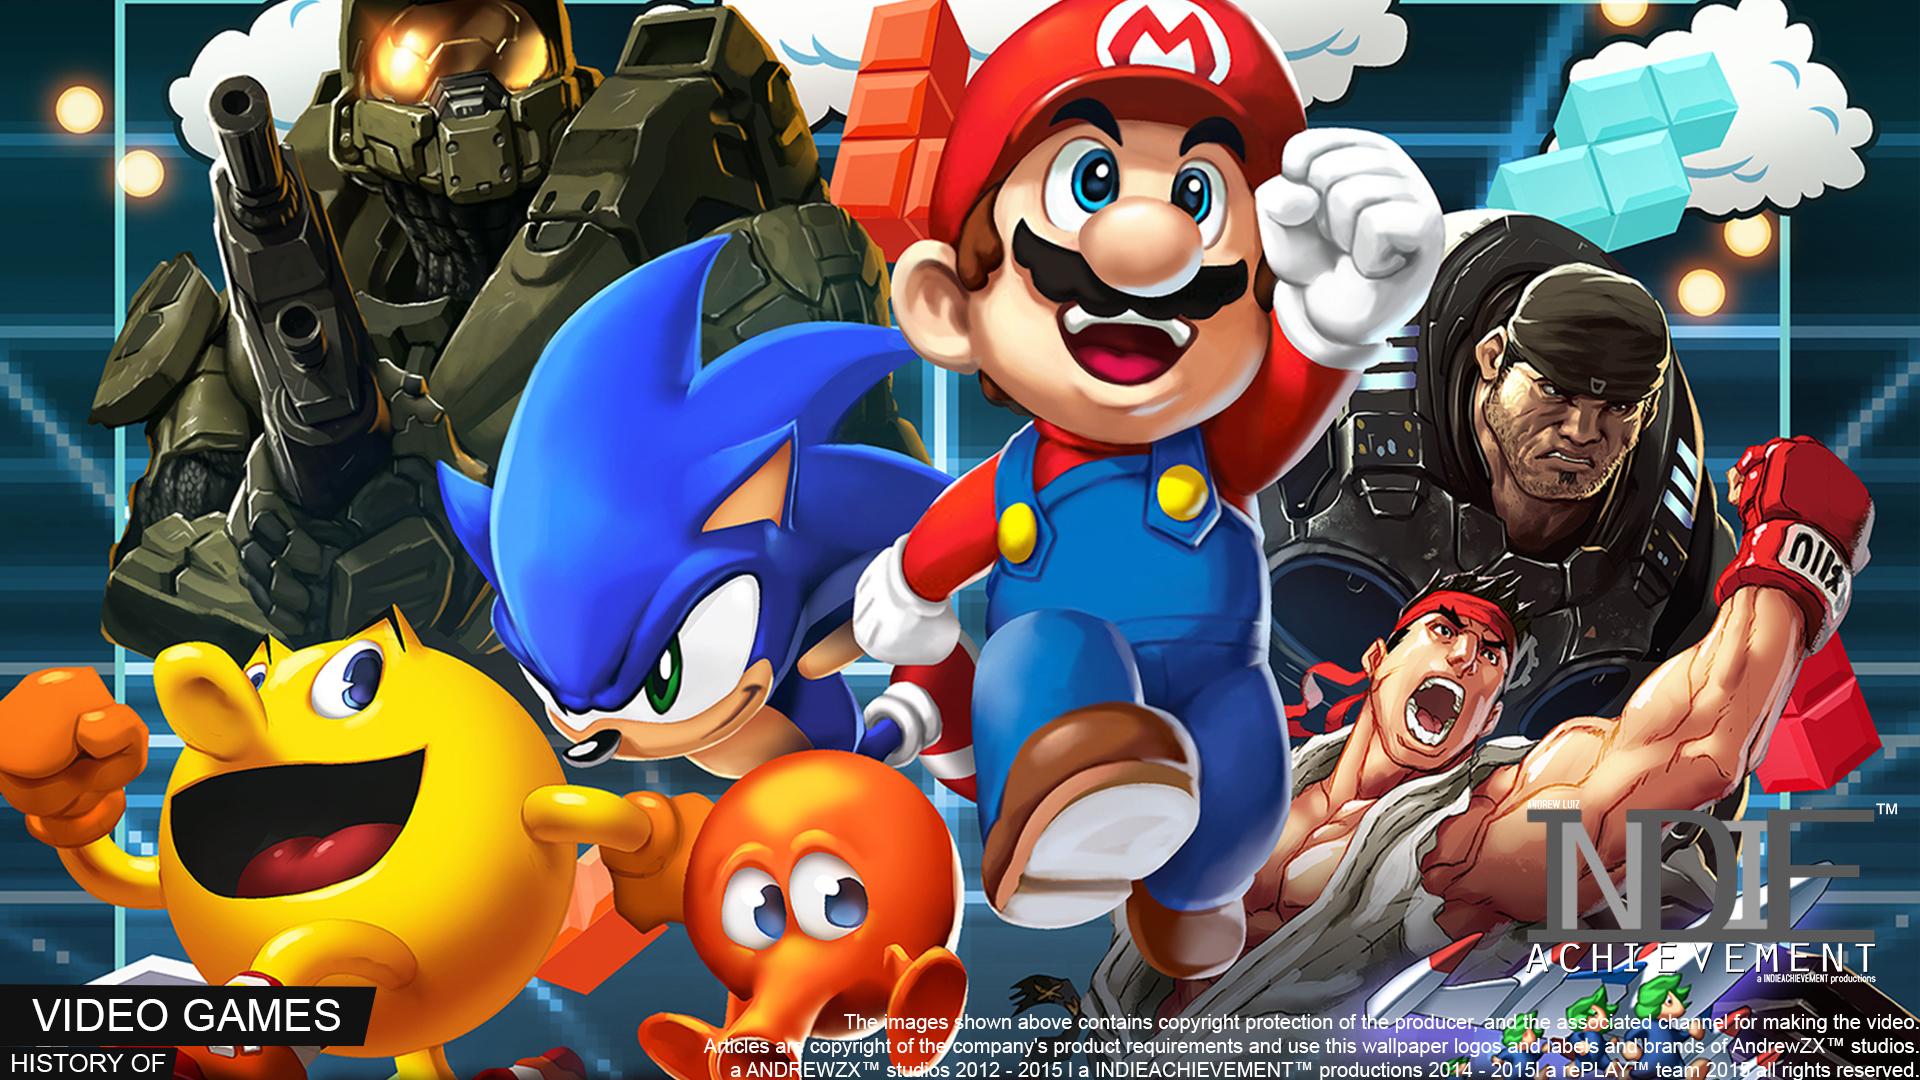 Mario Oyunlari Games - Bing images